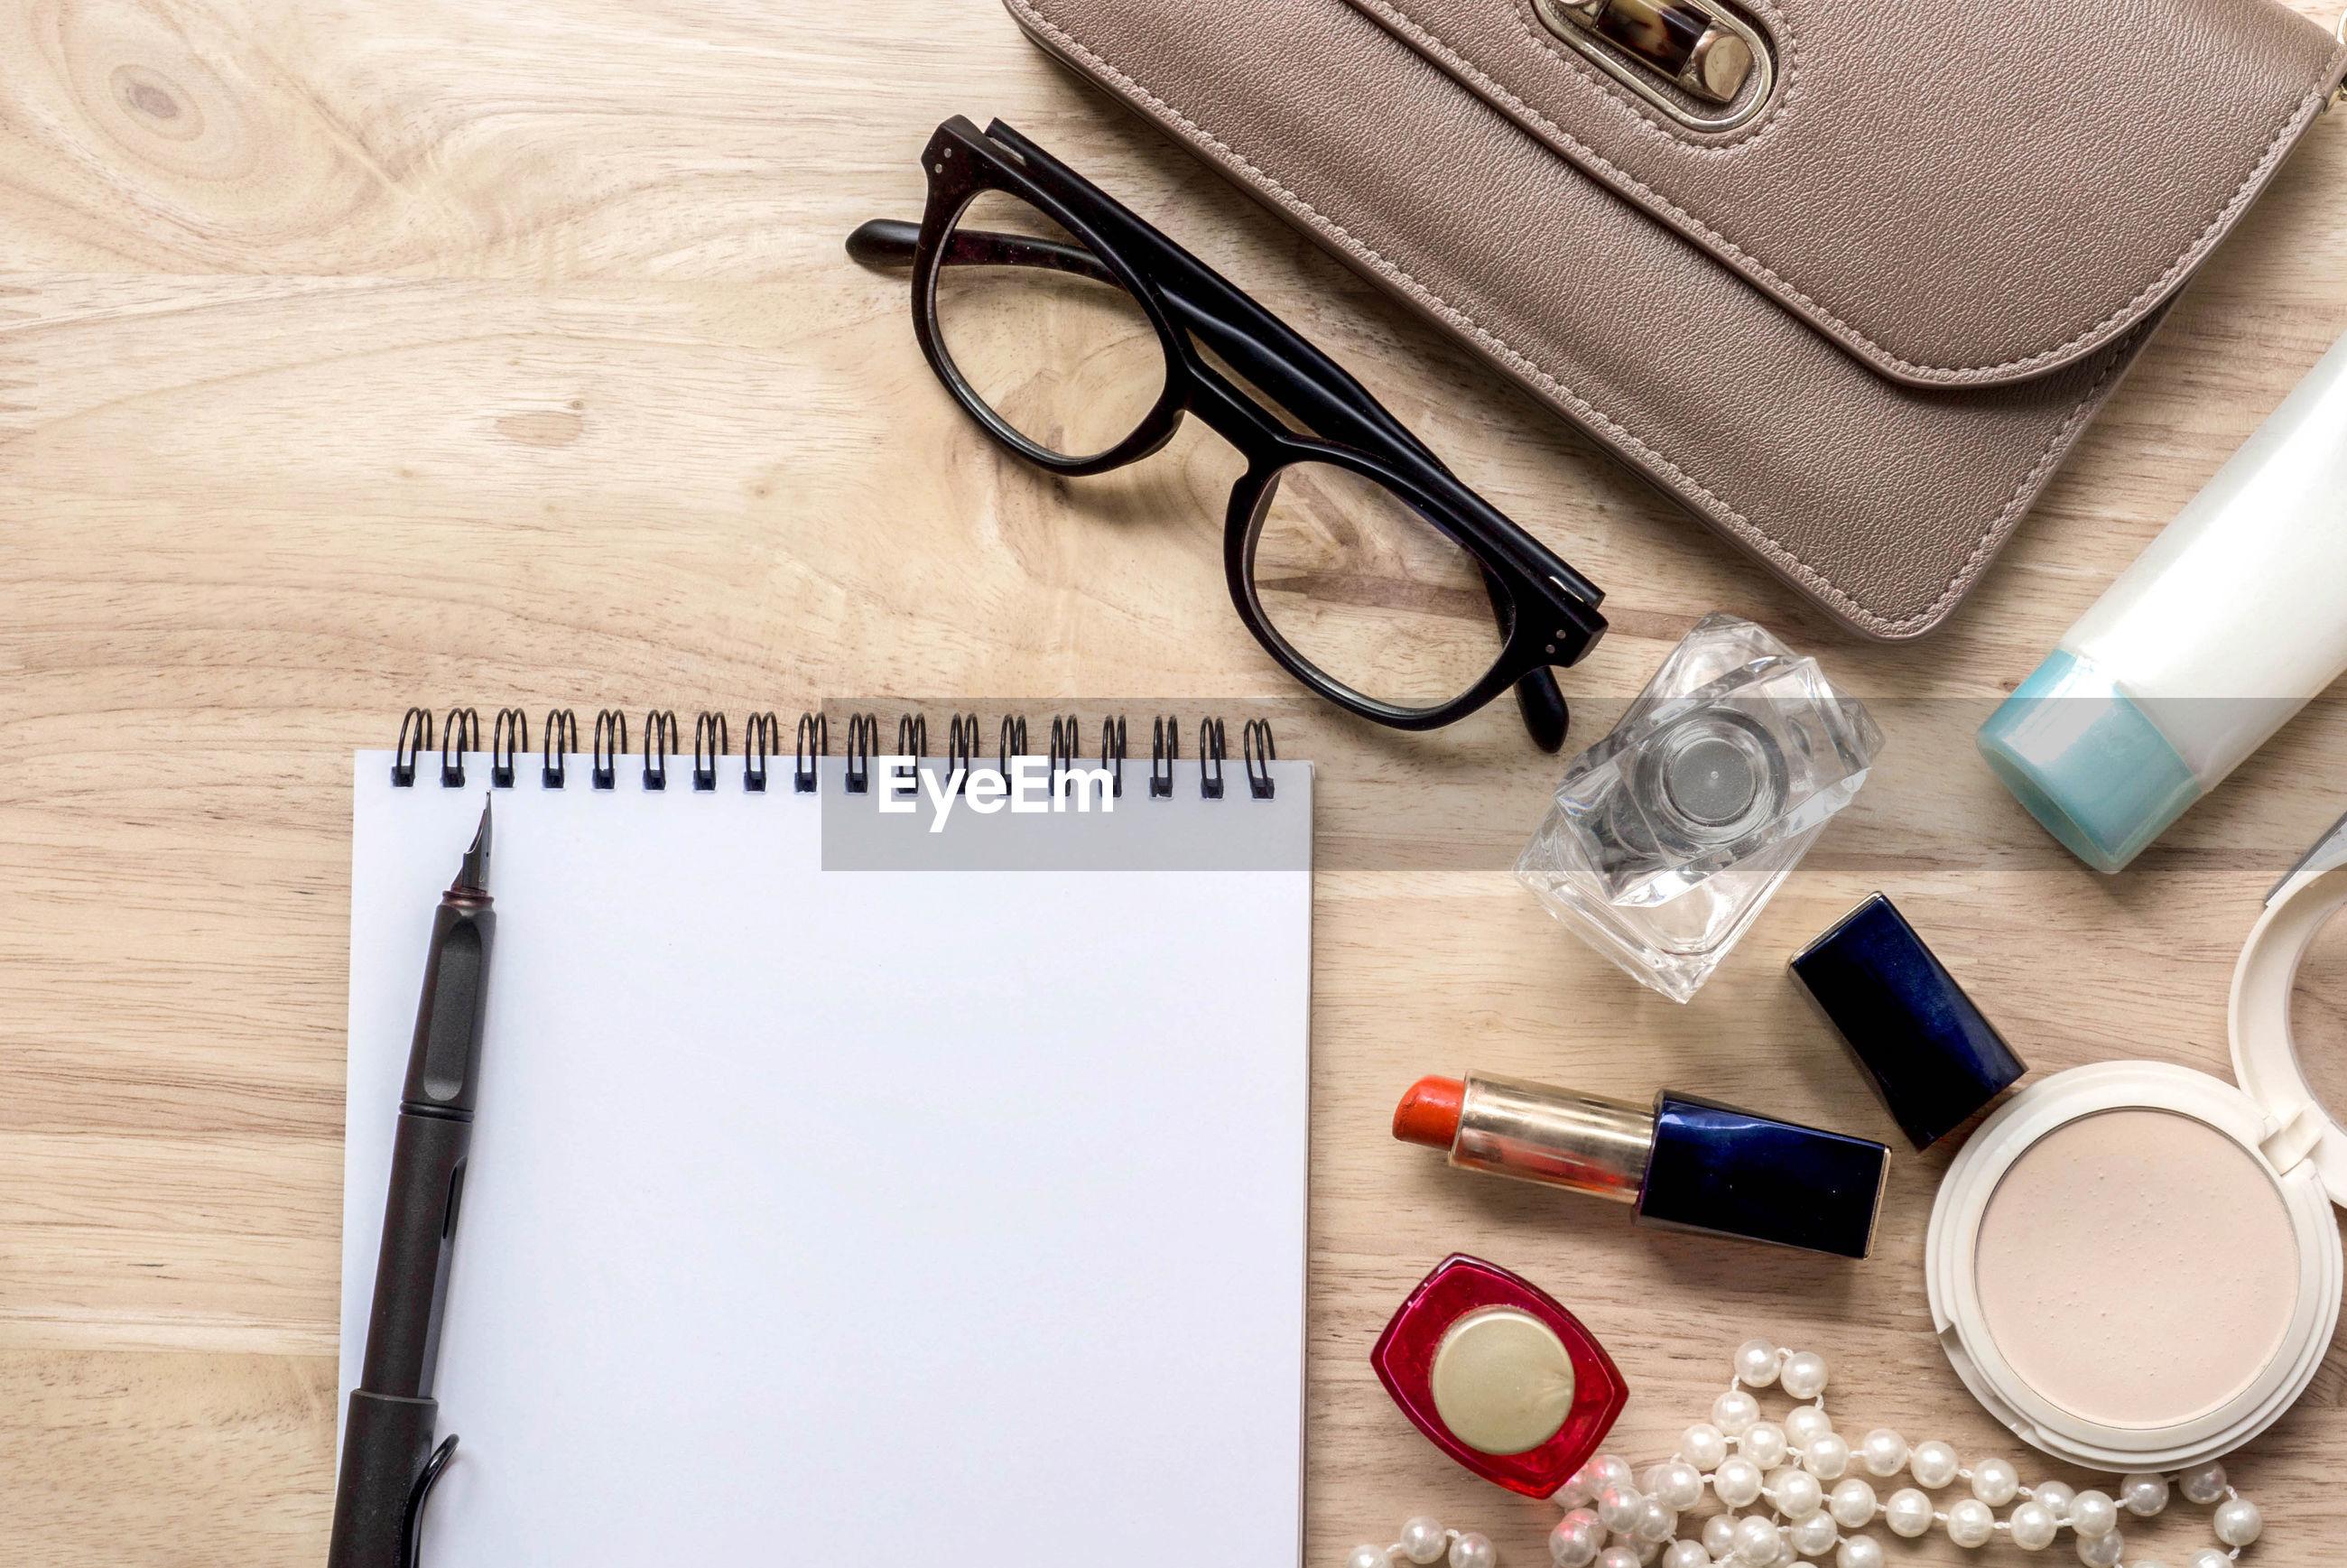 High angle view of eyeglasses and make-up on table